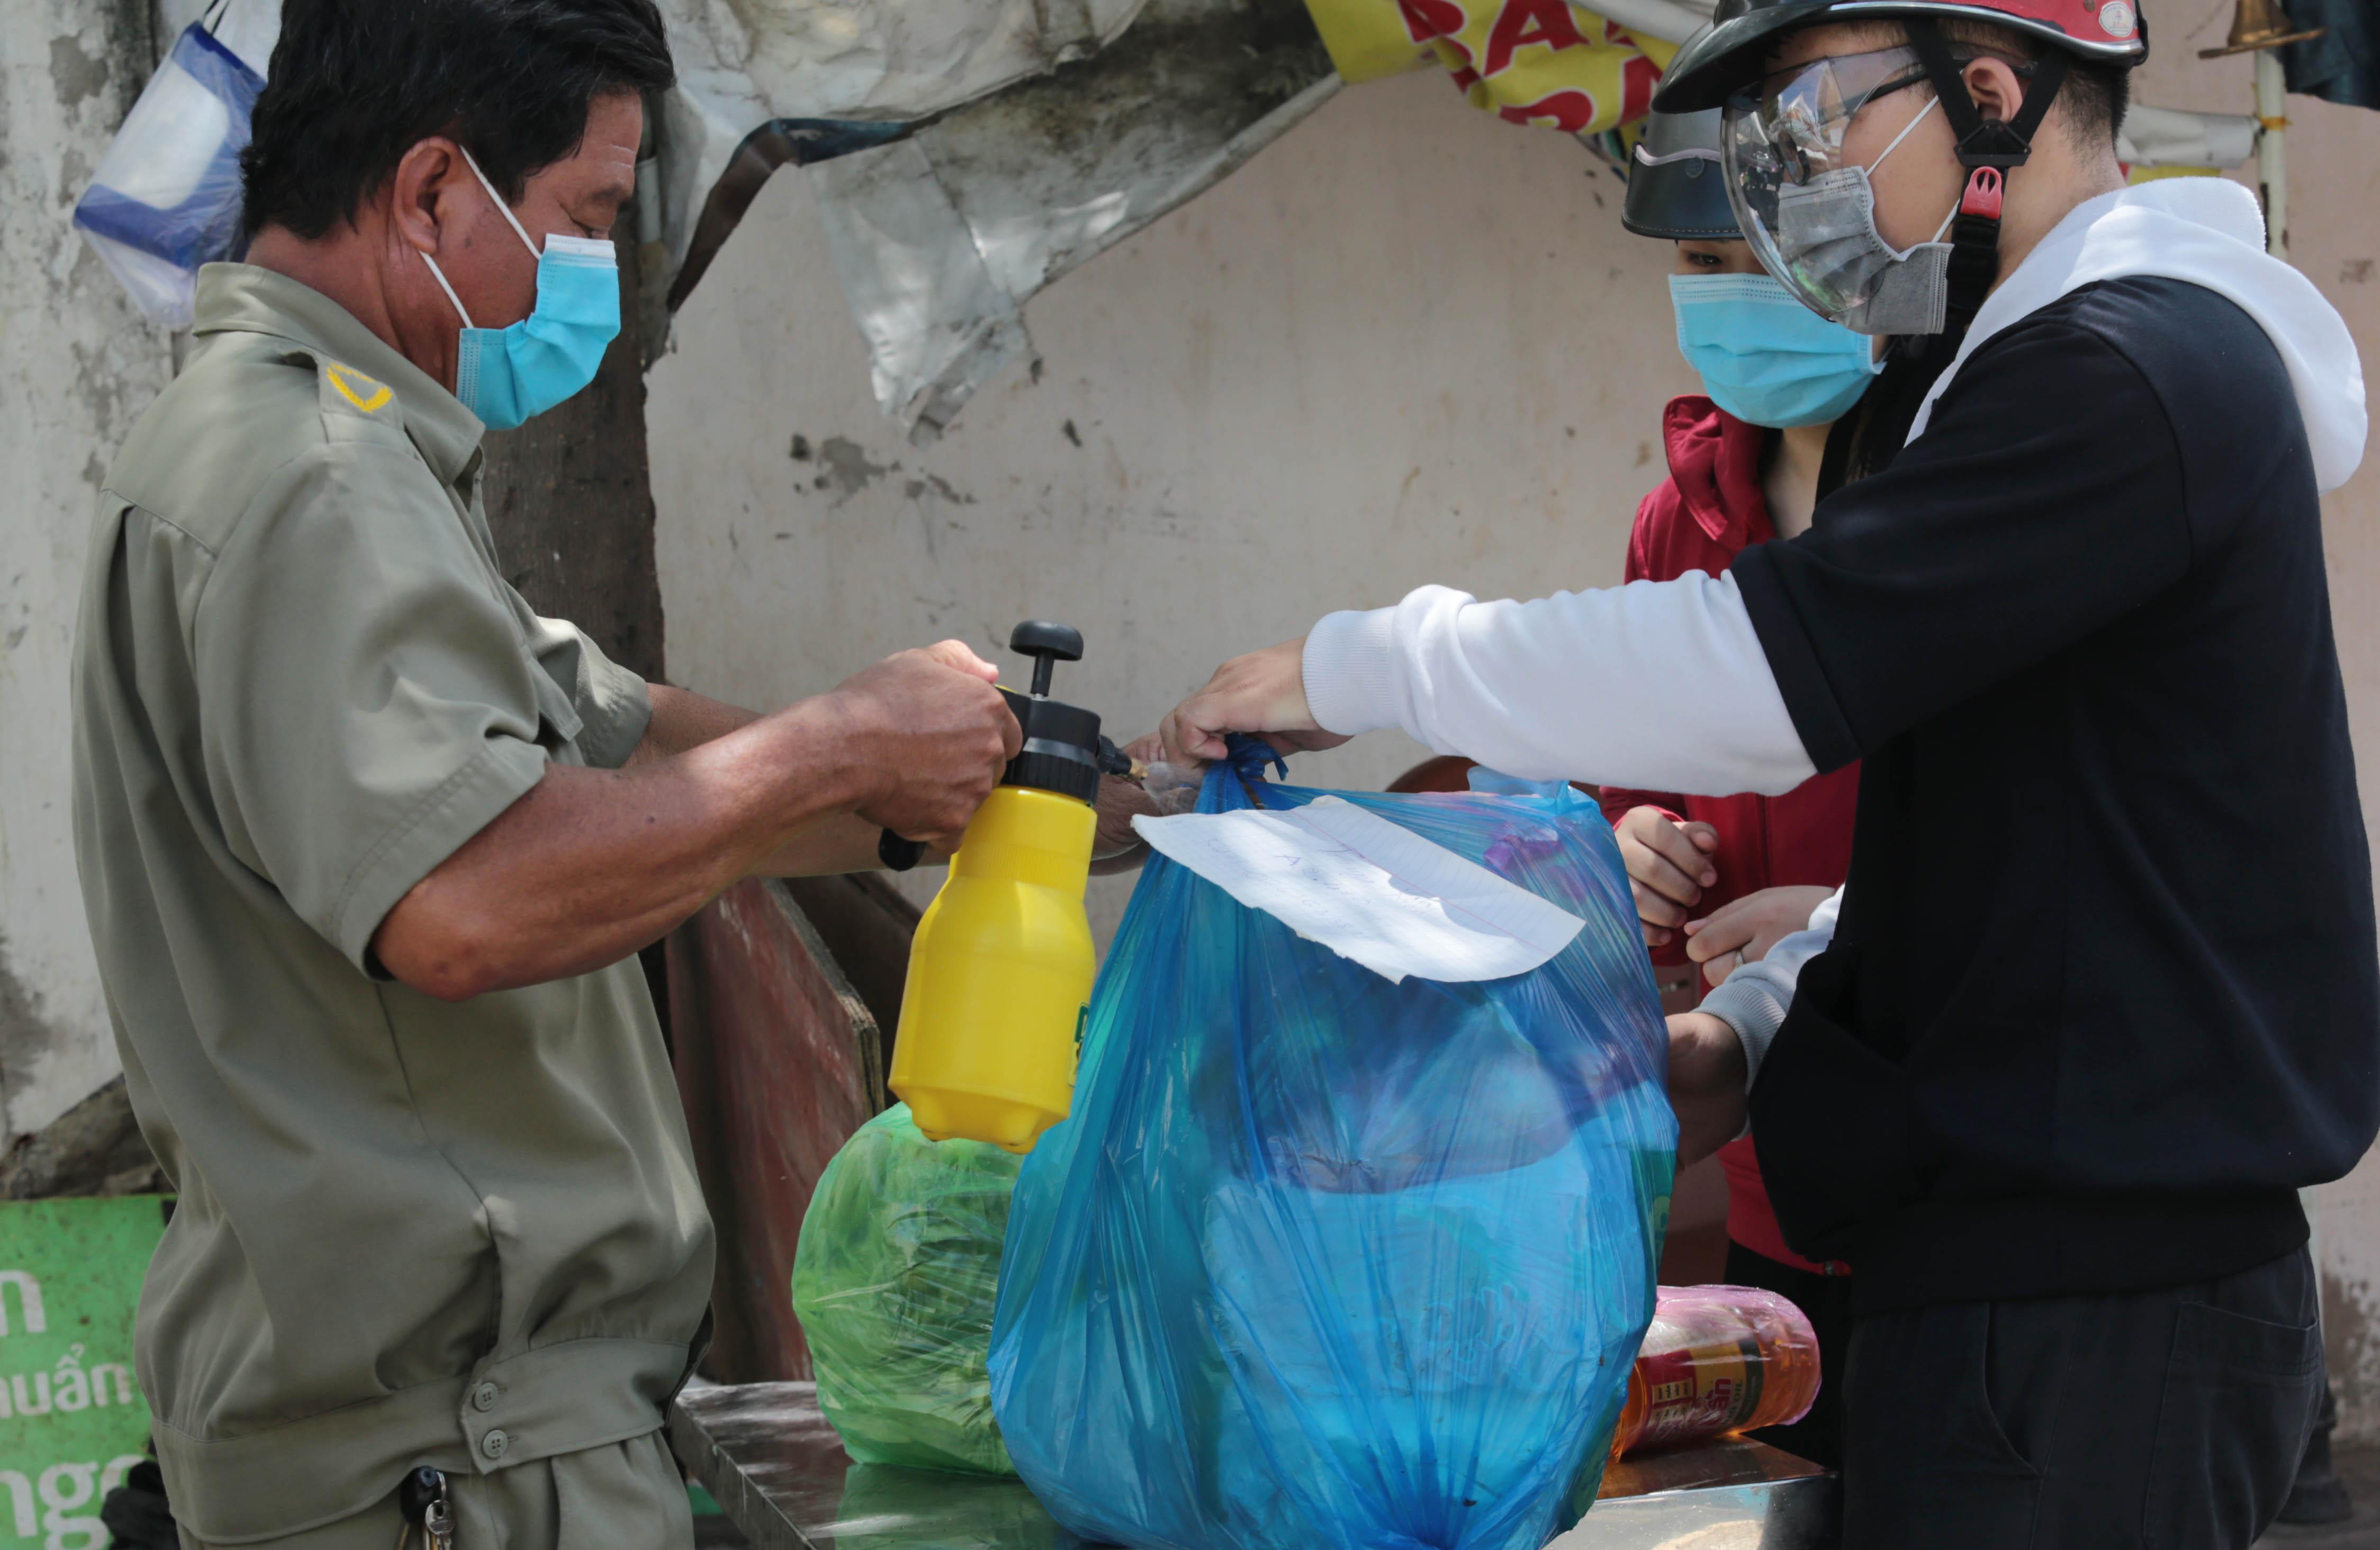 Ảnh: Khử khuẩn toàn bộ hàng hóa vận chuyển vào chung cư đang bị phong tỏa ở Sài Gòn - 4